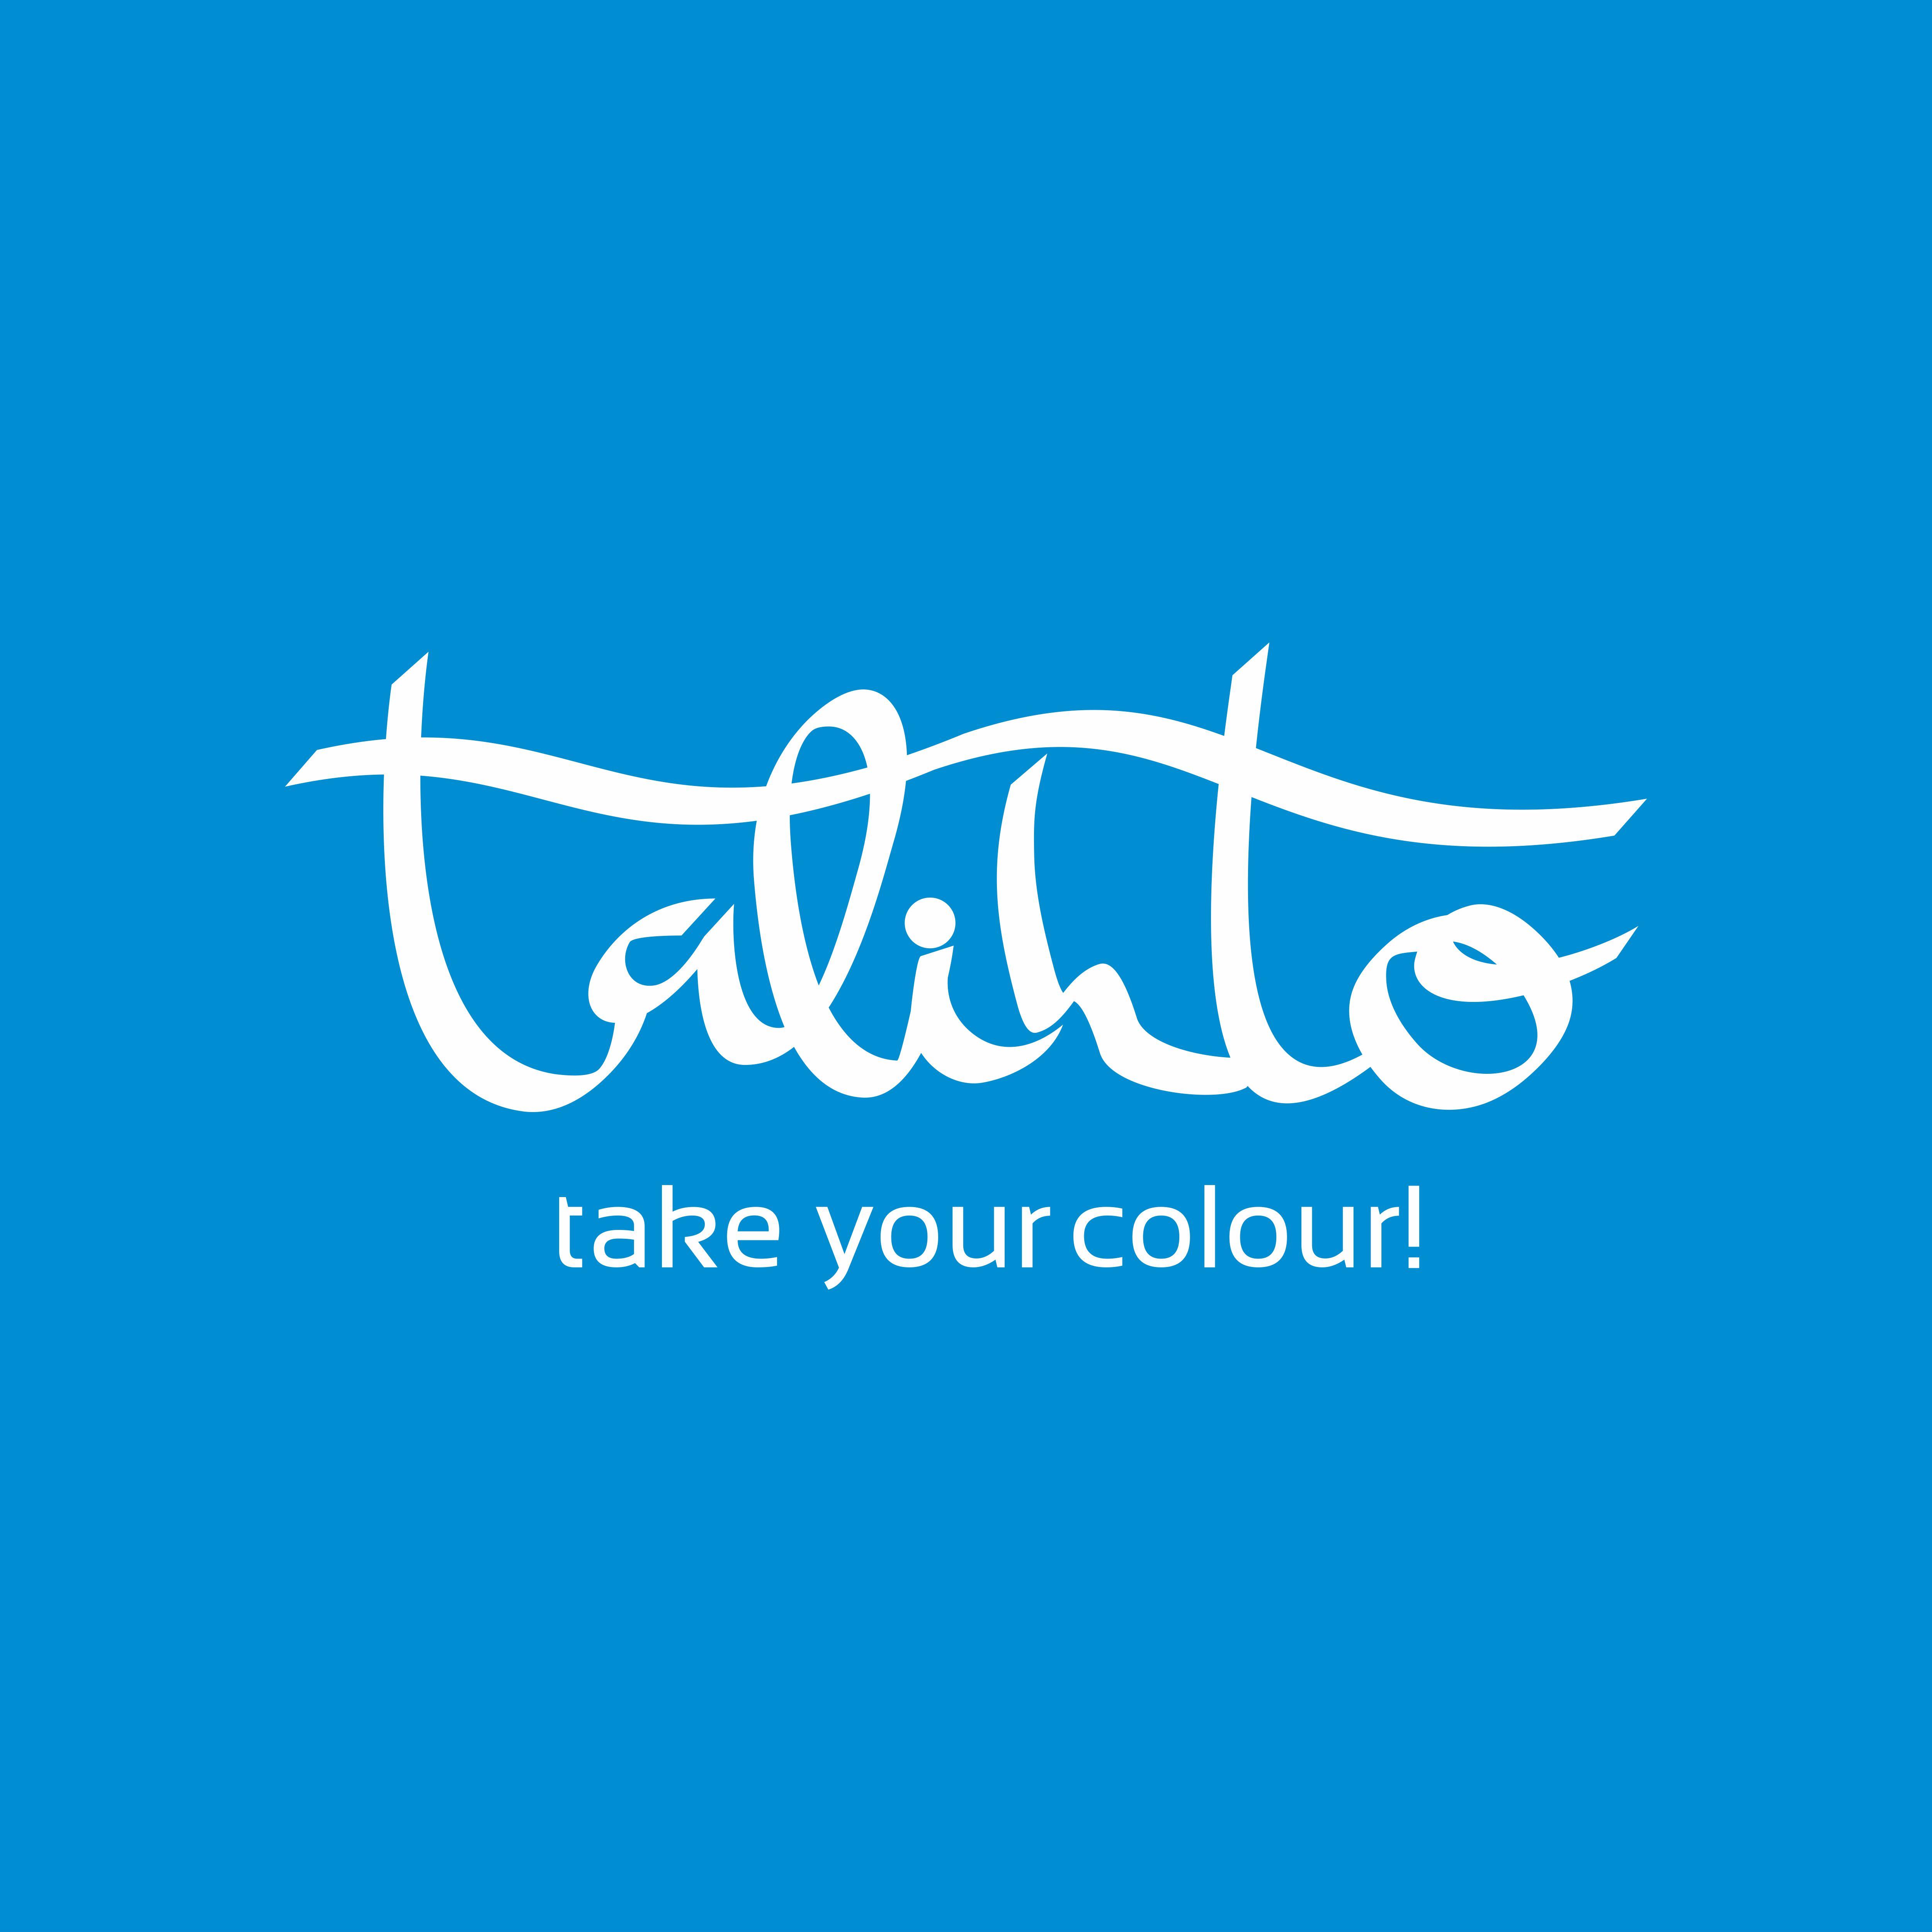 Talihto - take your colour !